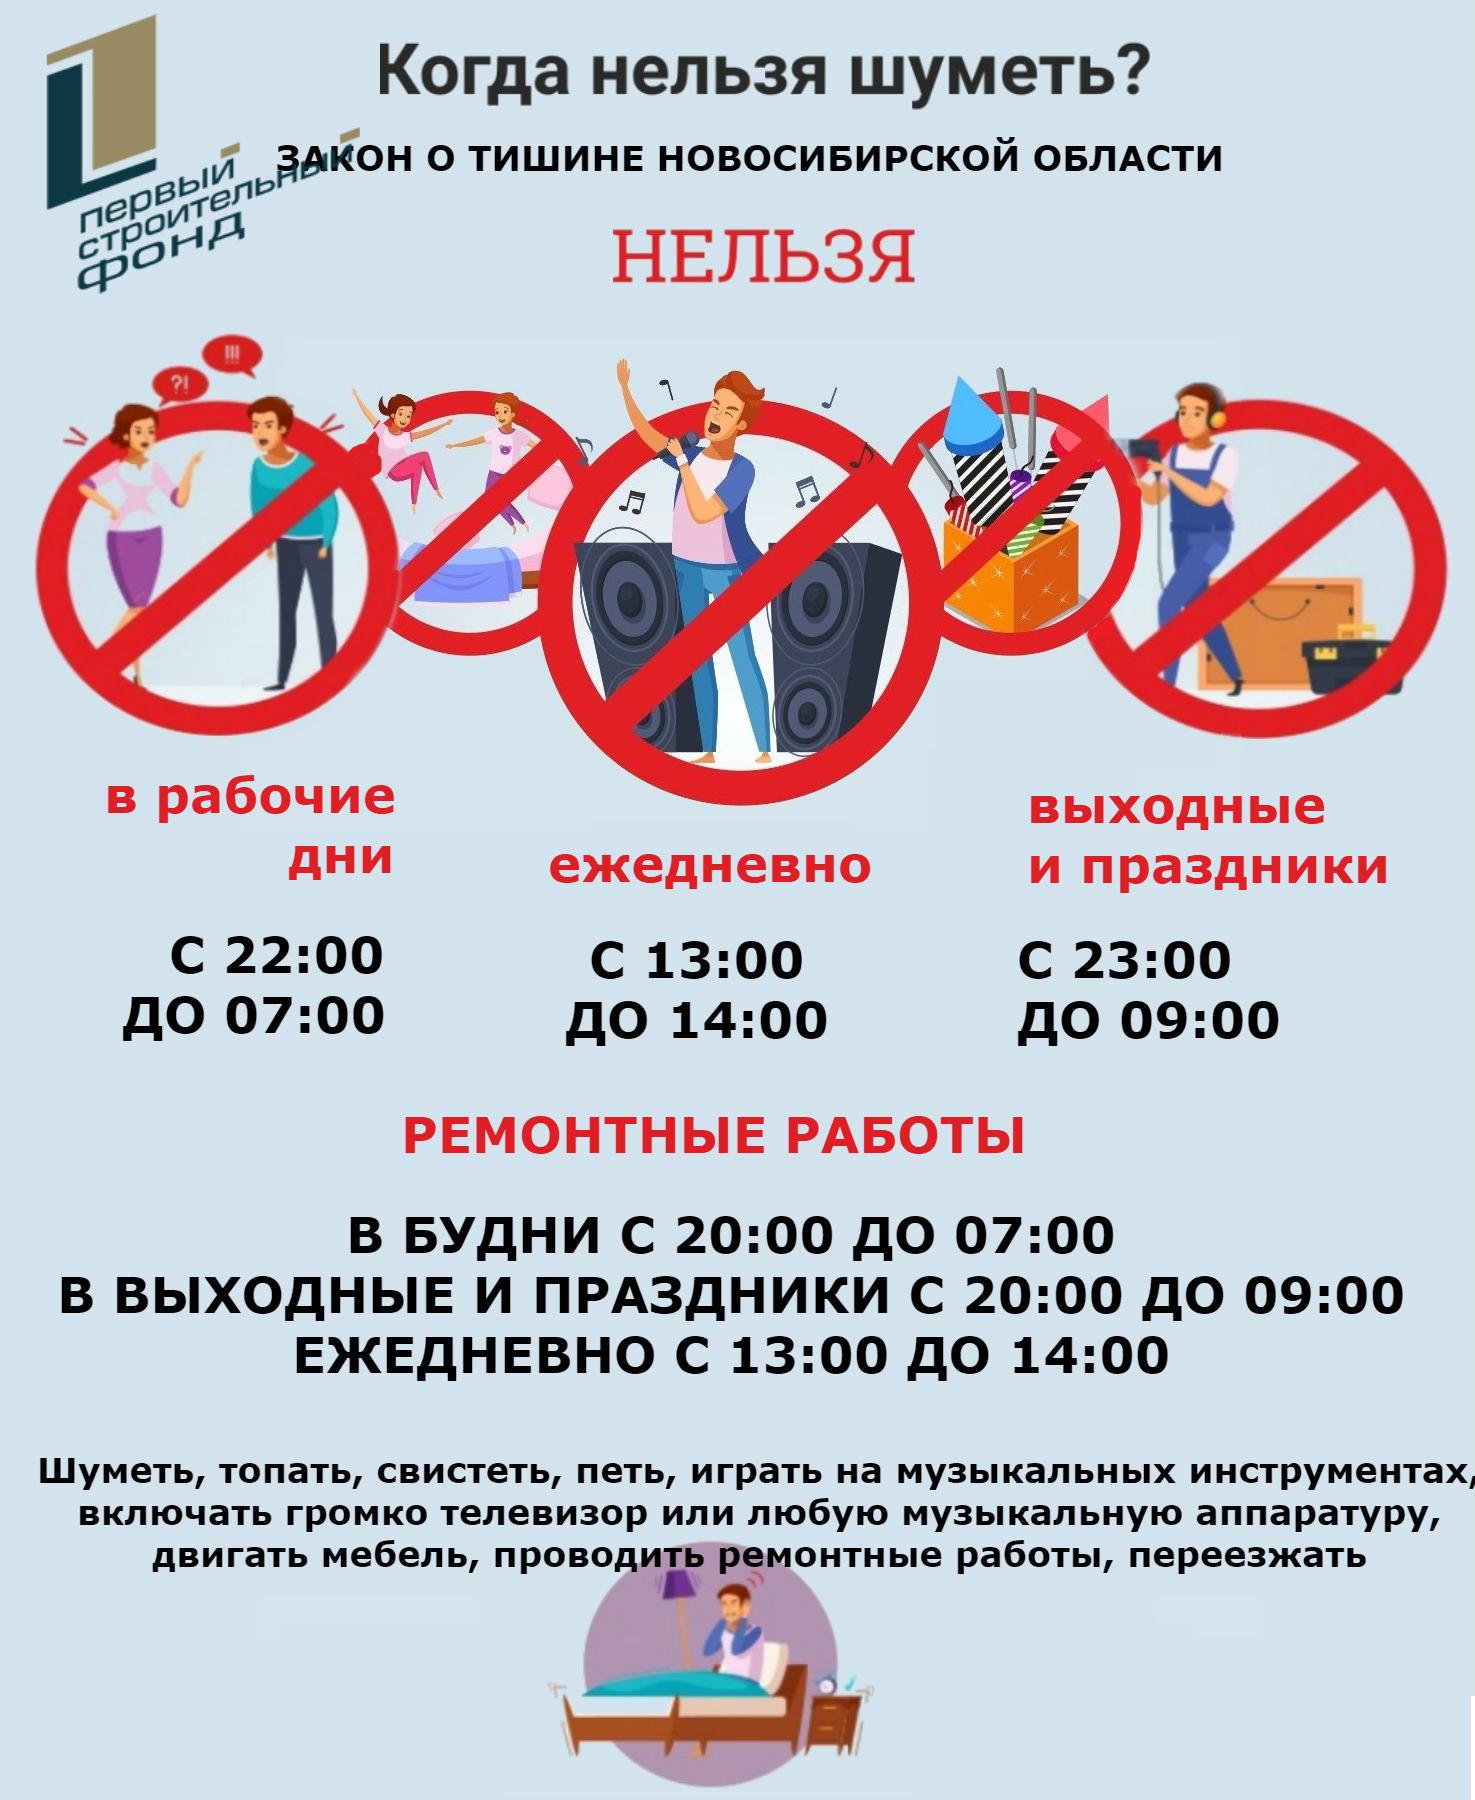 zakon o tishine v novosibirske i novosibirskoj oblasti rezhim